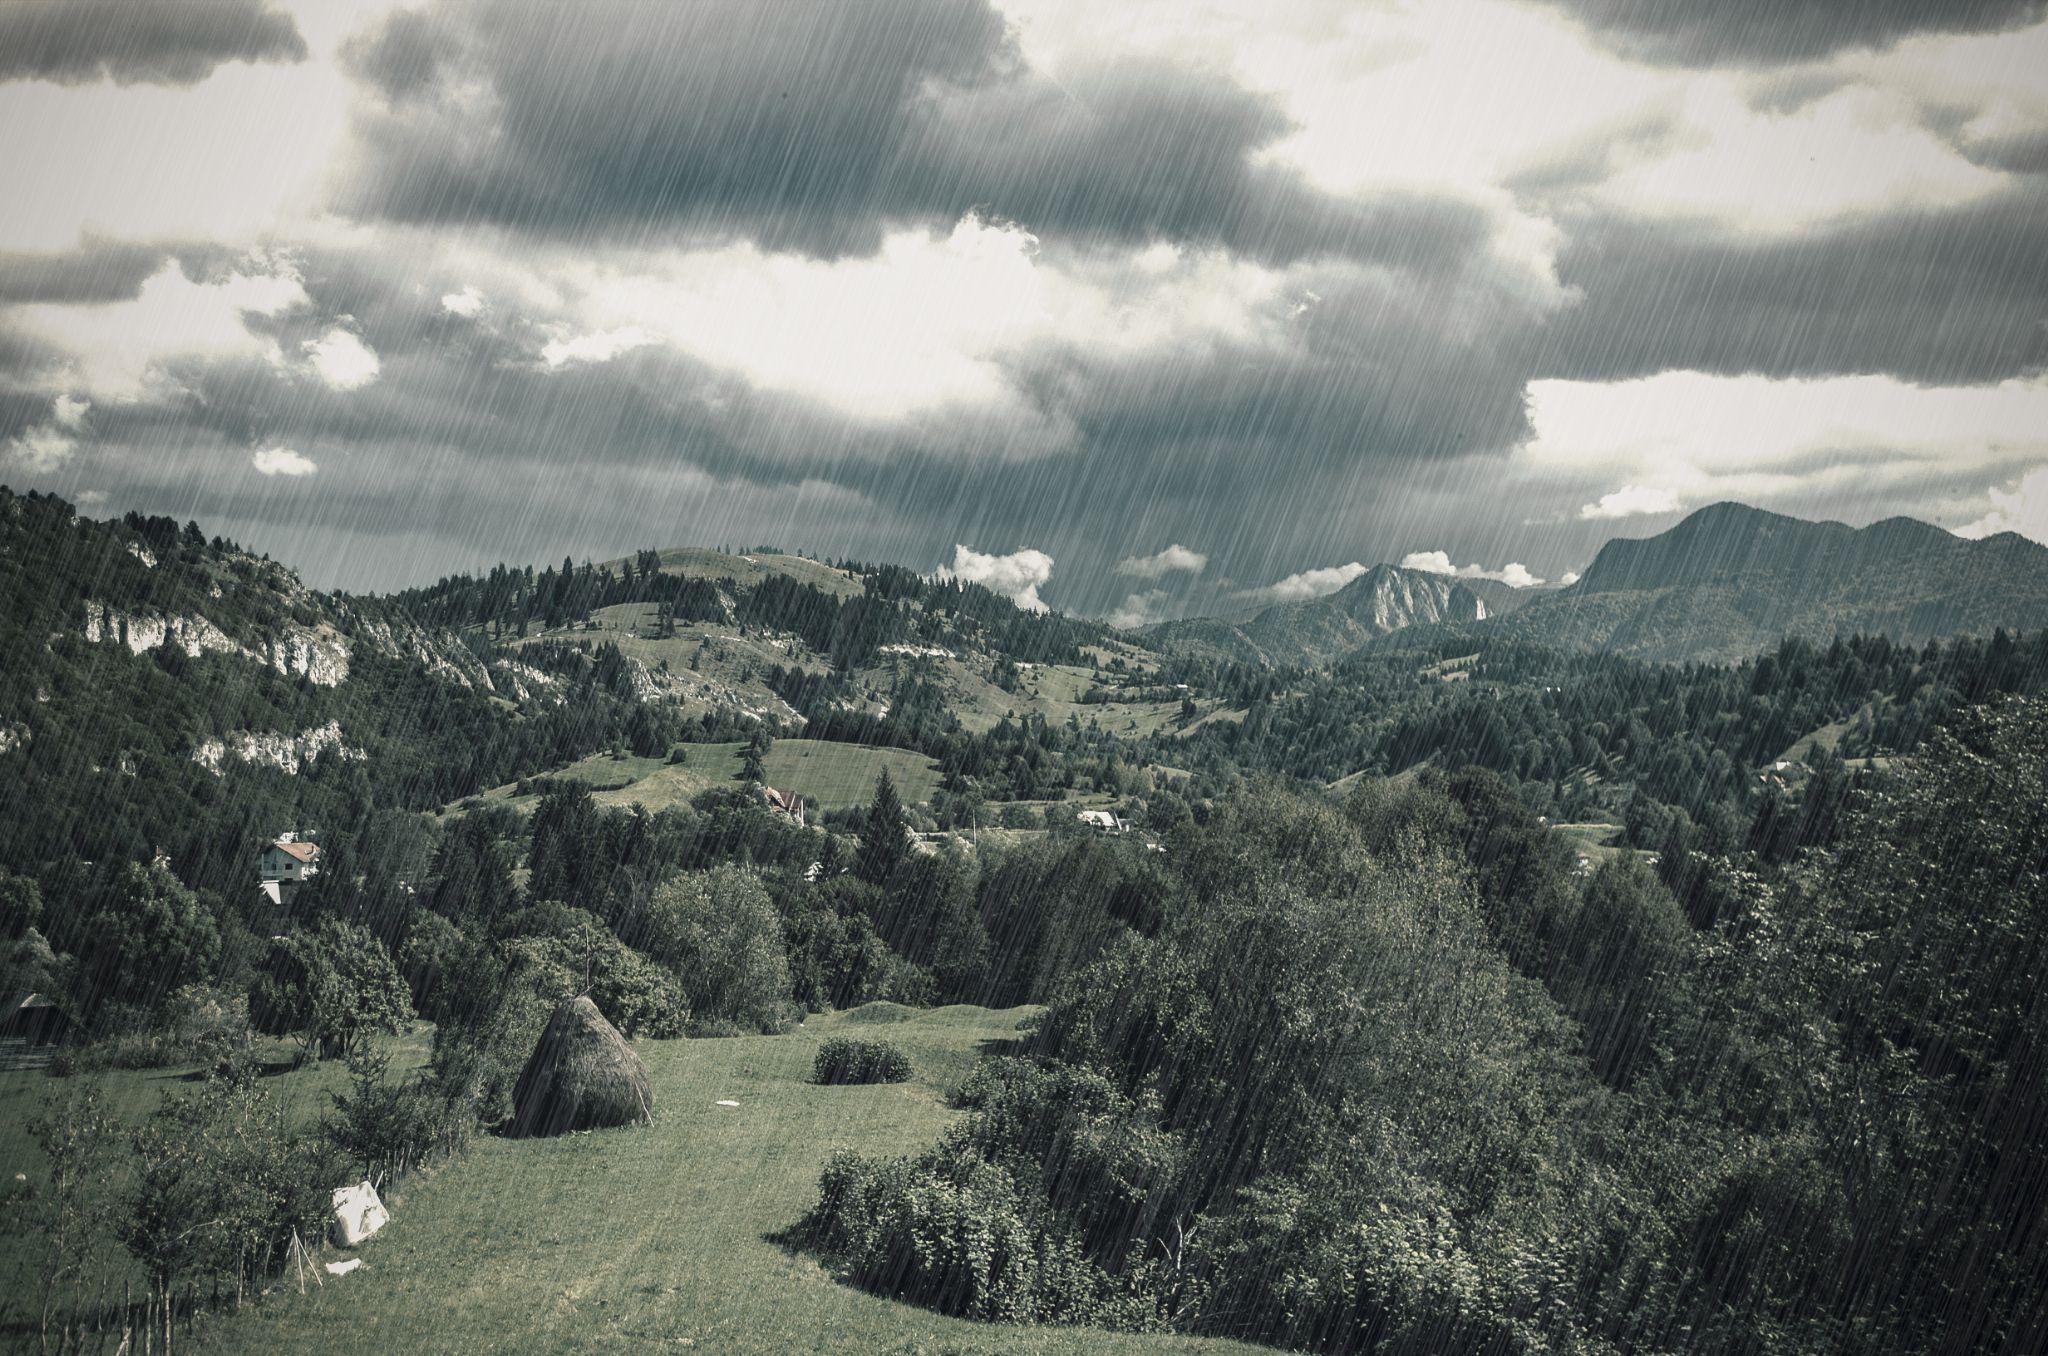 Downpour by Radu Florin